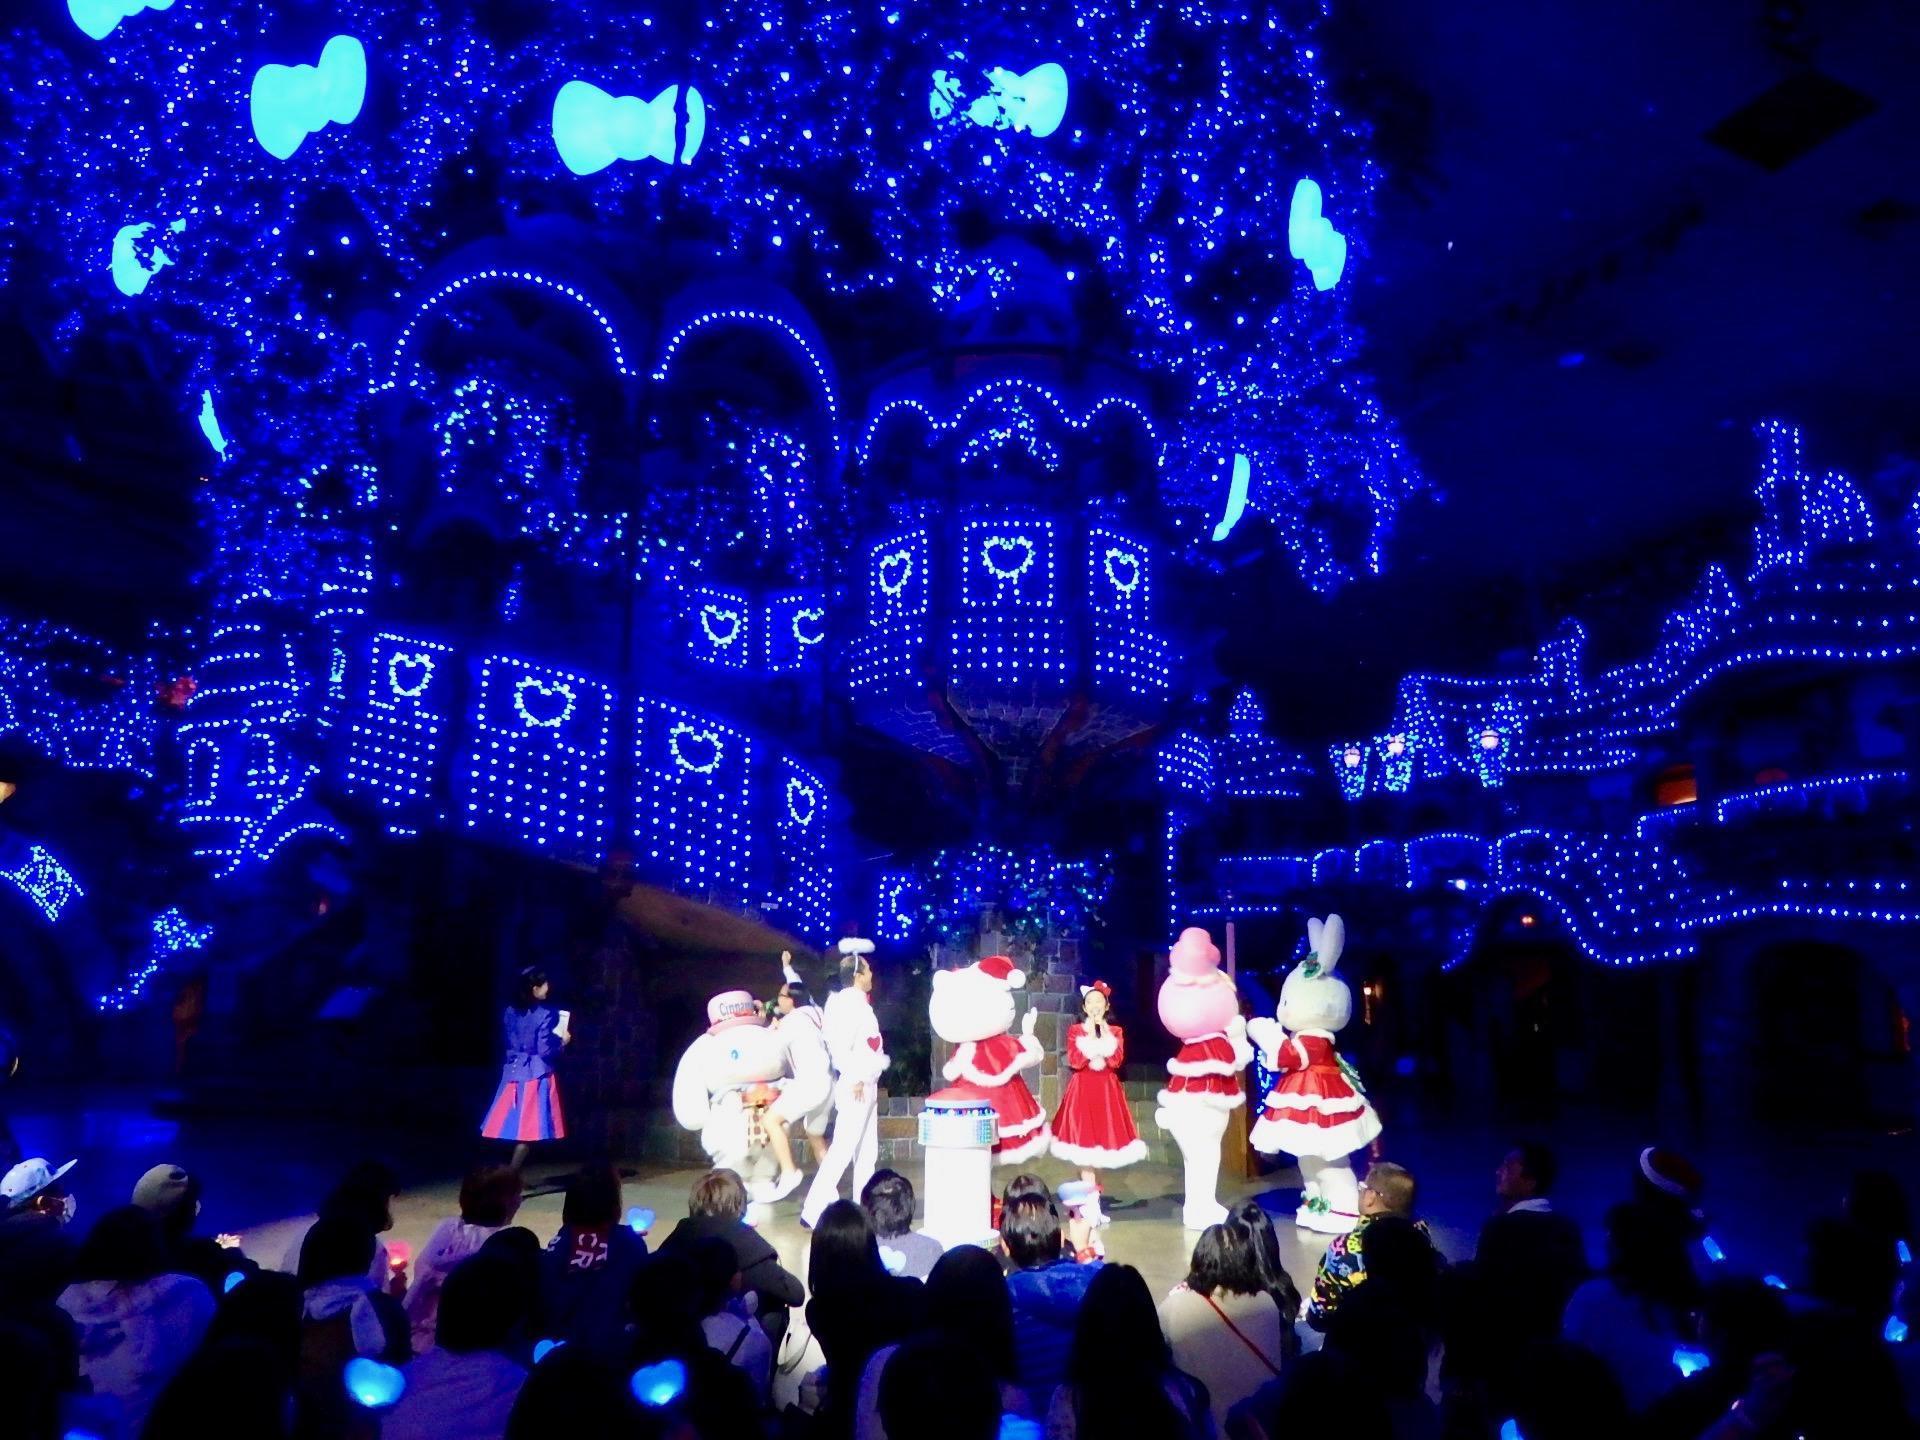 http://news.yoshimoto.co.jp/20171110003303-4f1a083f8c6f22e03d5e4ff44d98927a05e41da0.jpg